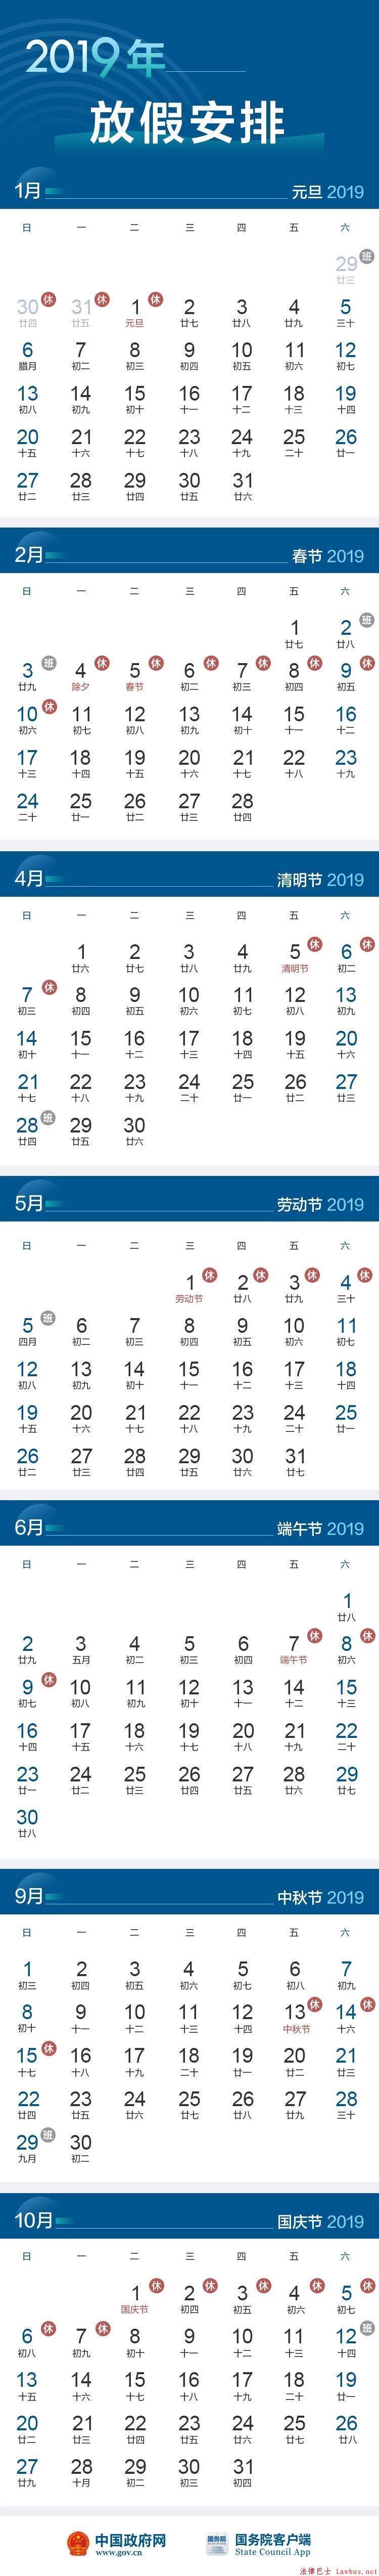 最新版2019放假安排长图.jpg